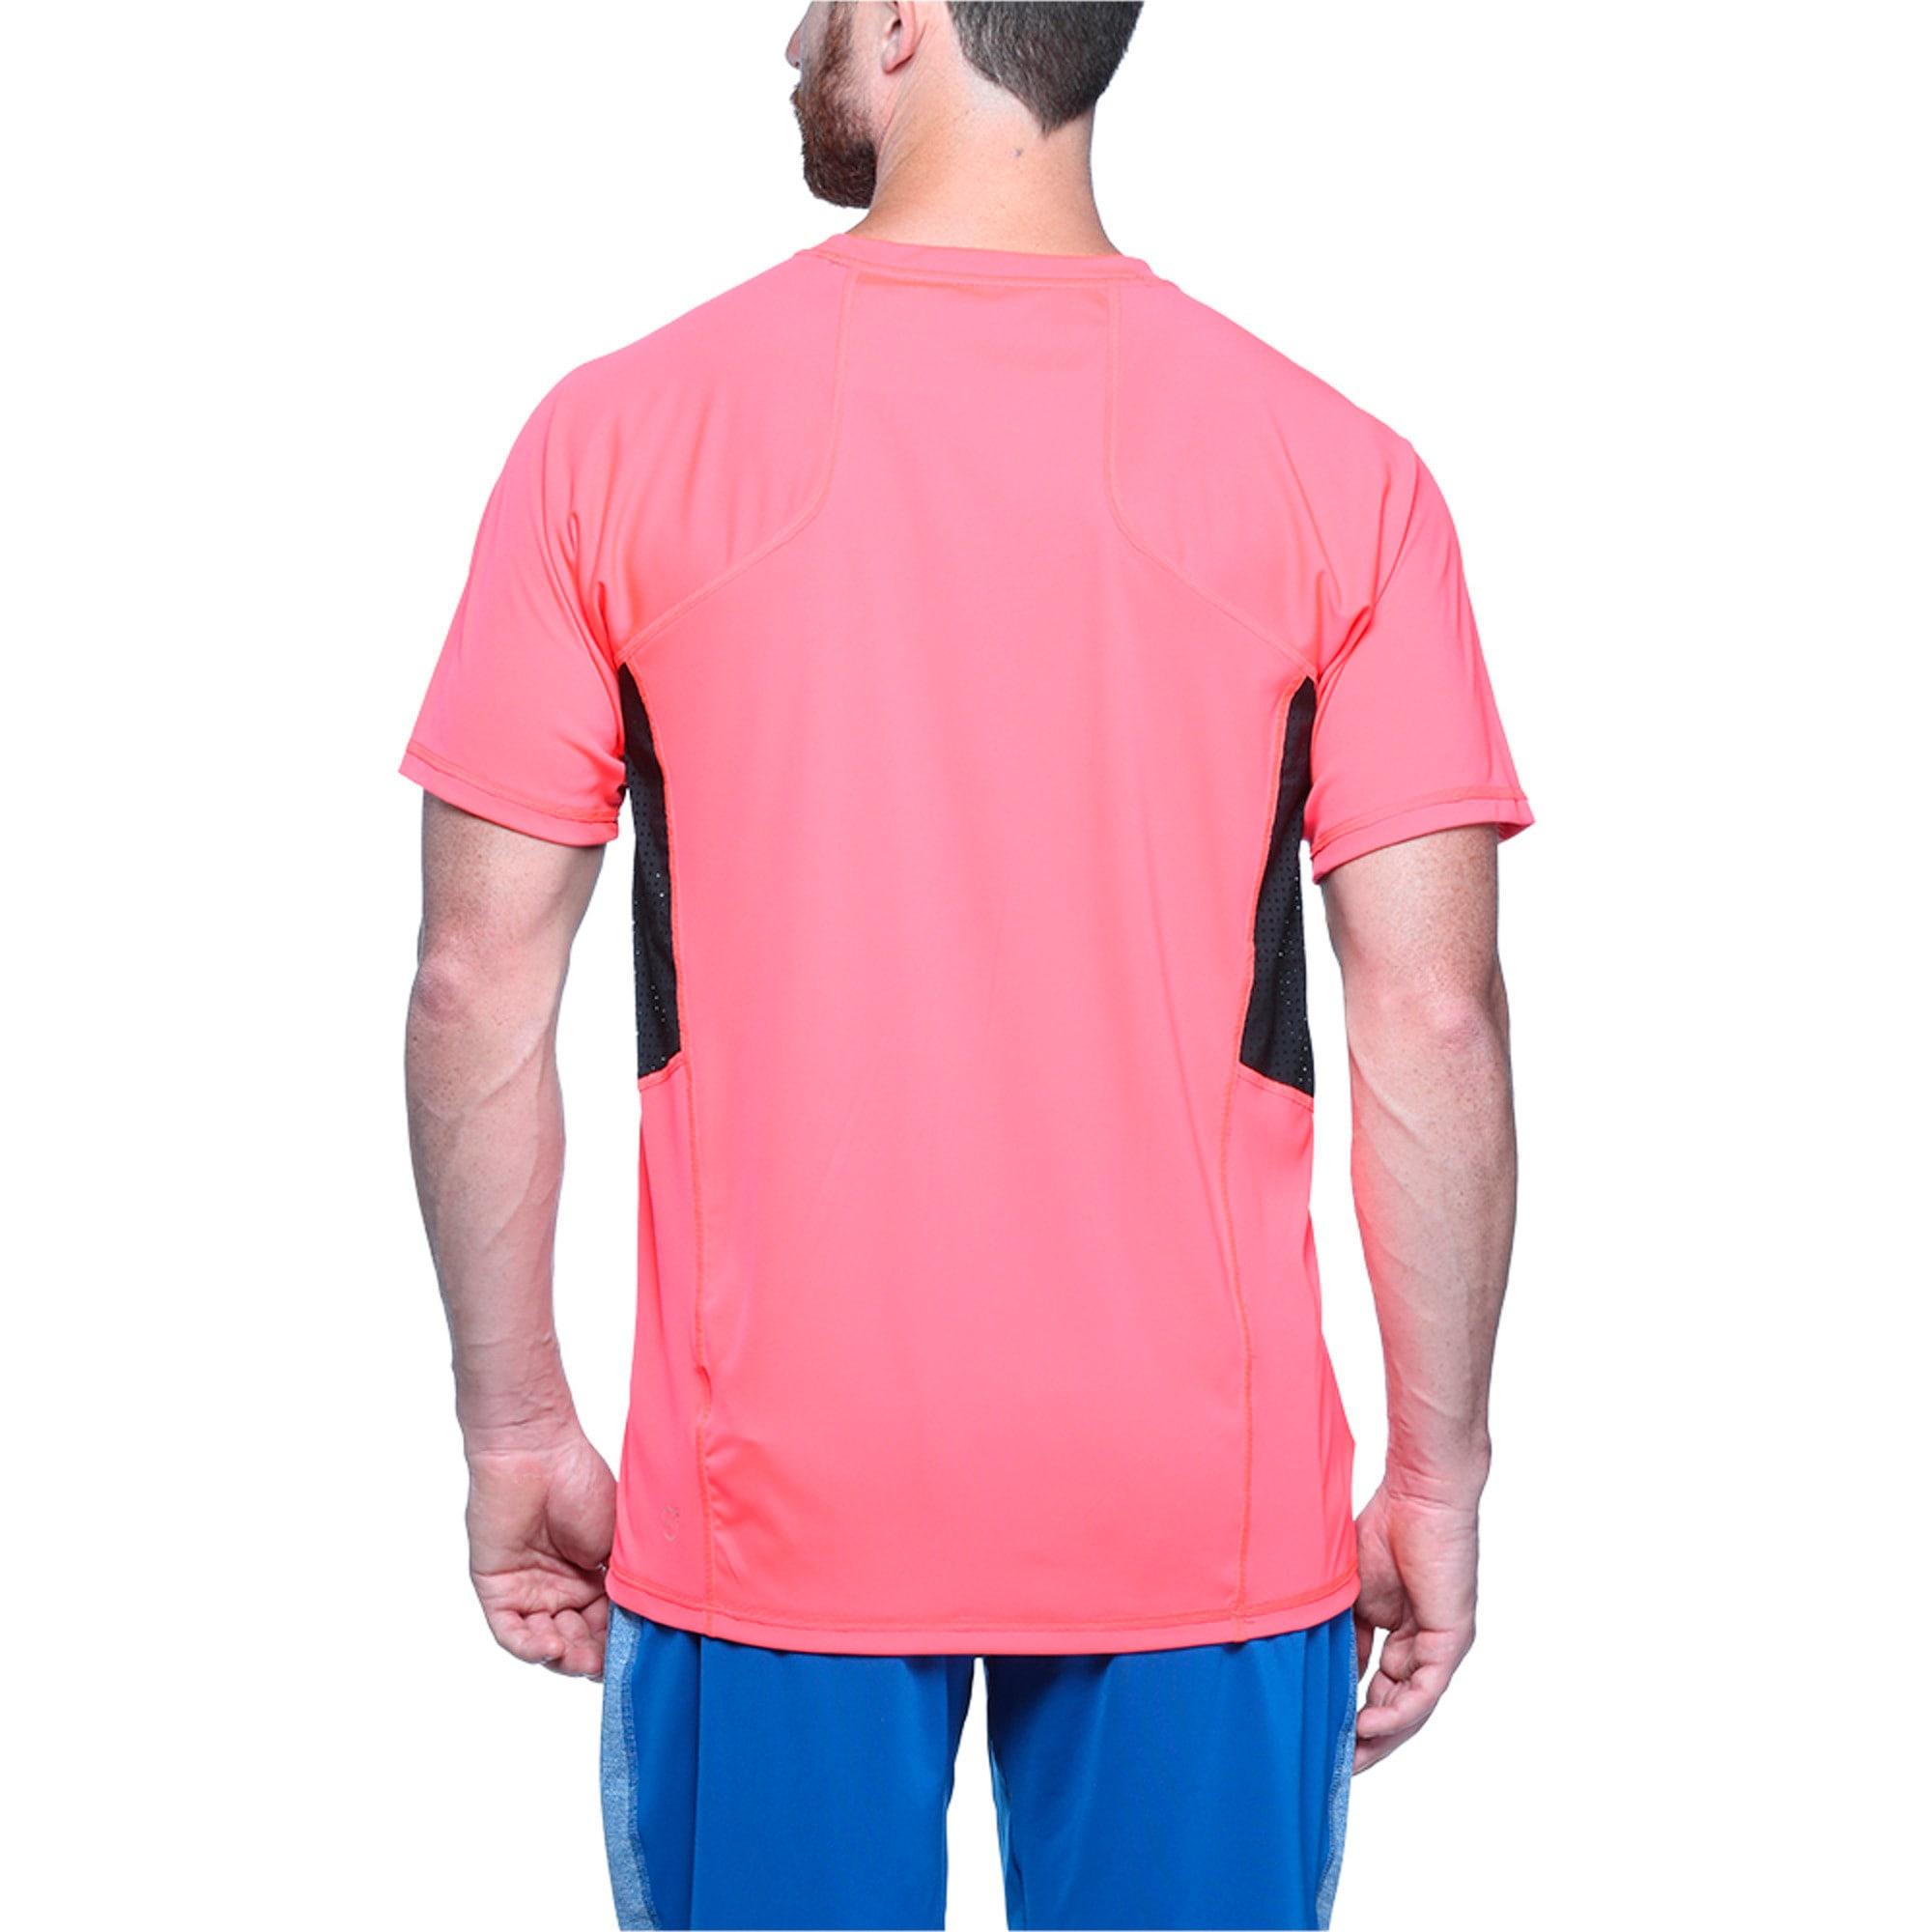 Thumbnail 2 of Active Training Men's Vent Cat T-Shirt, Bright Plasma, medium-IND